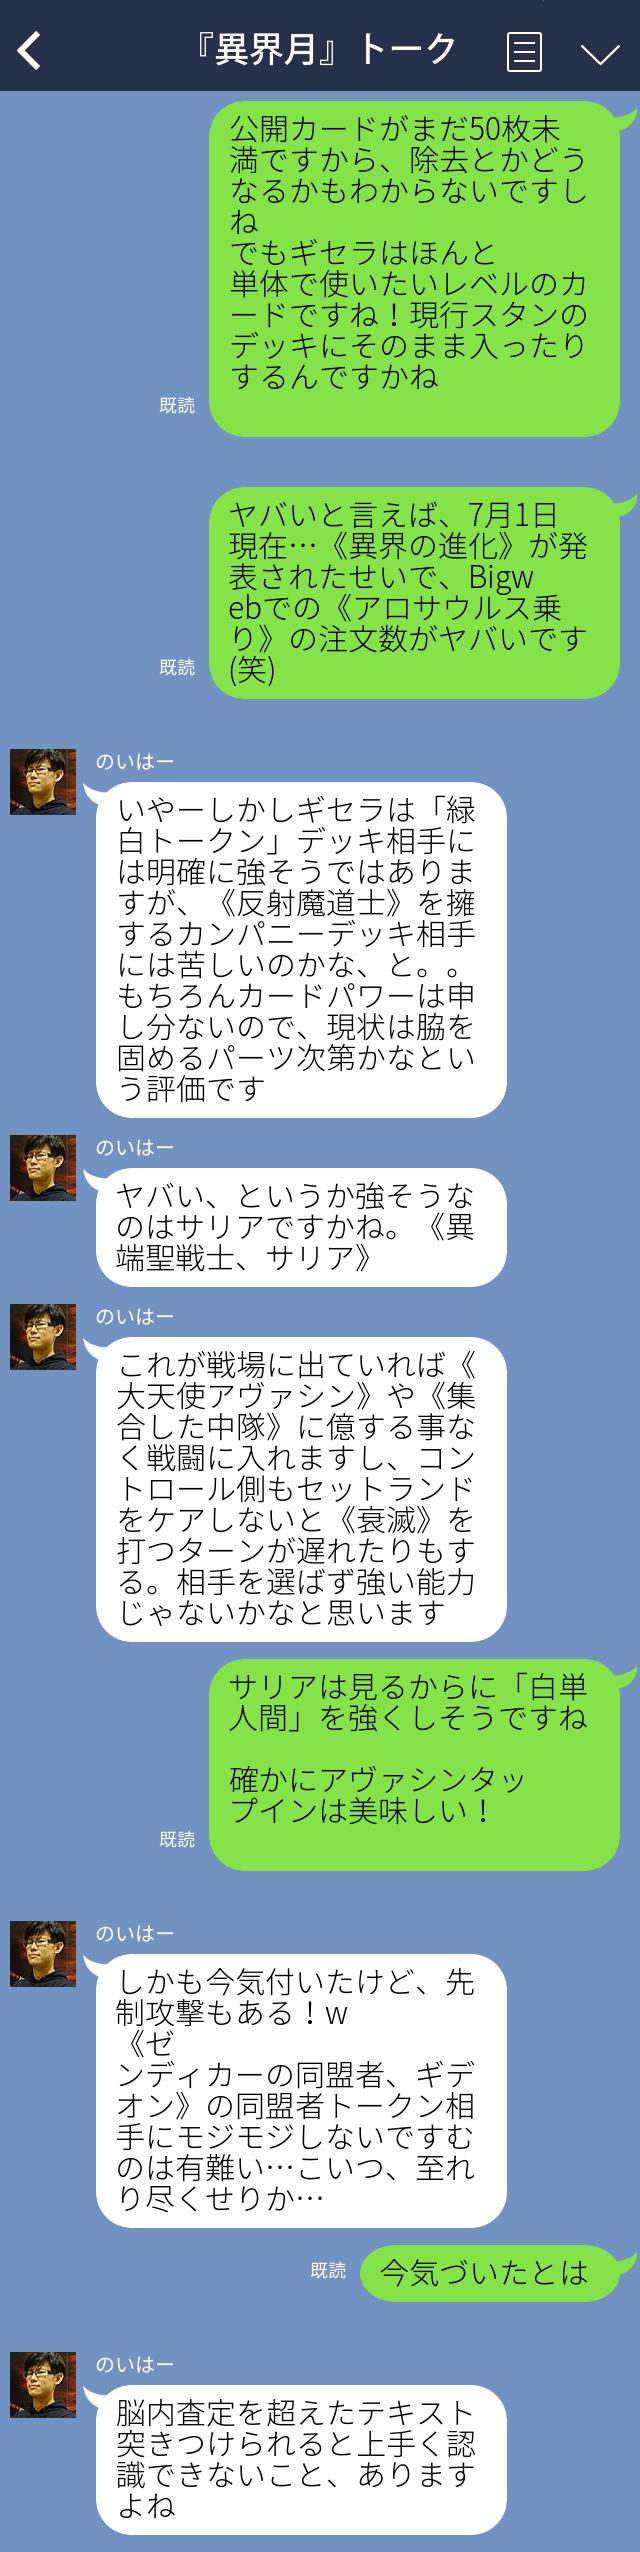 ライン風3